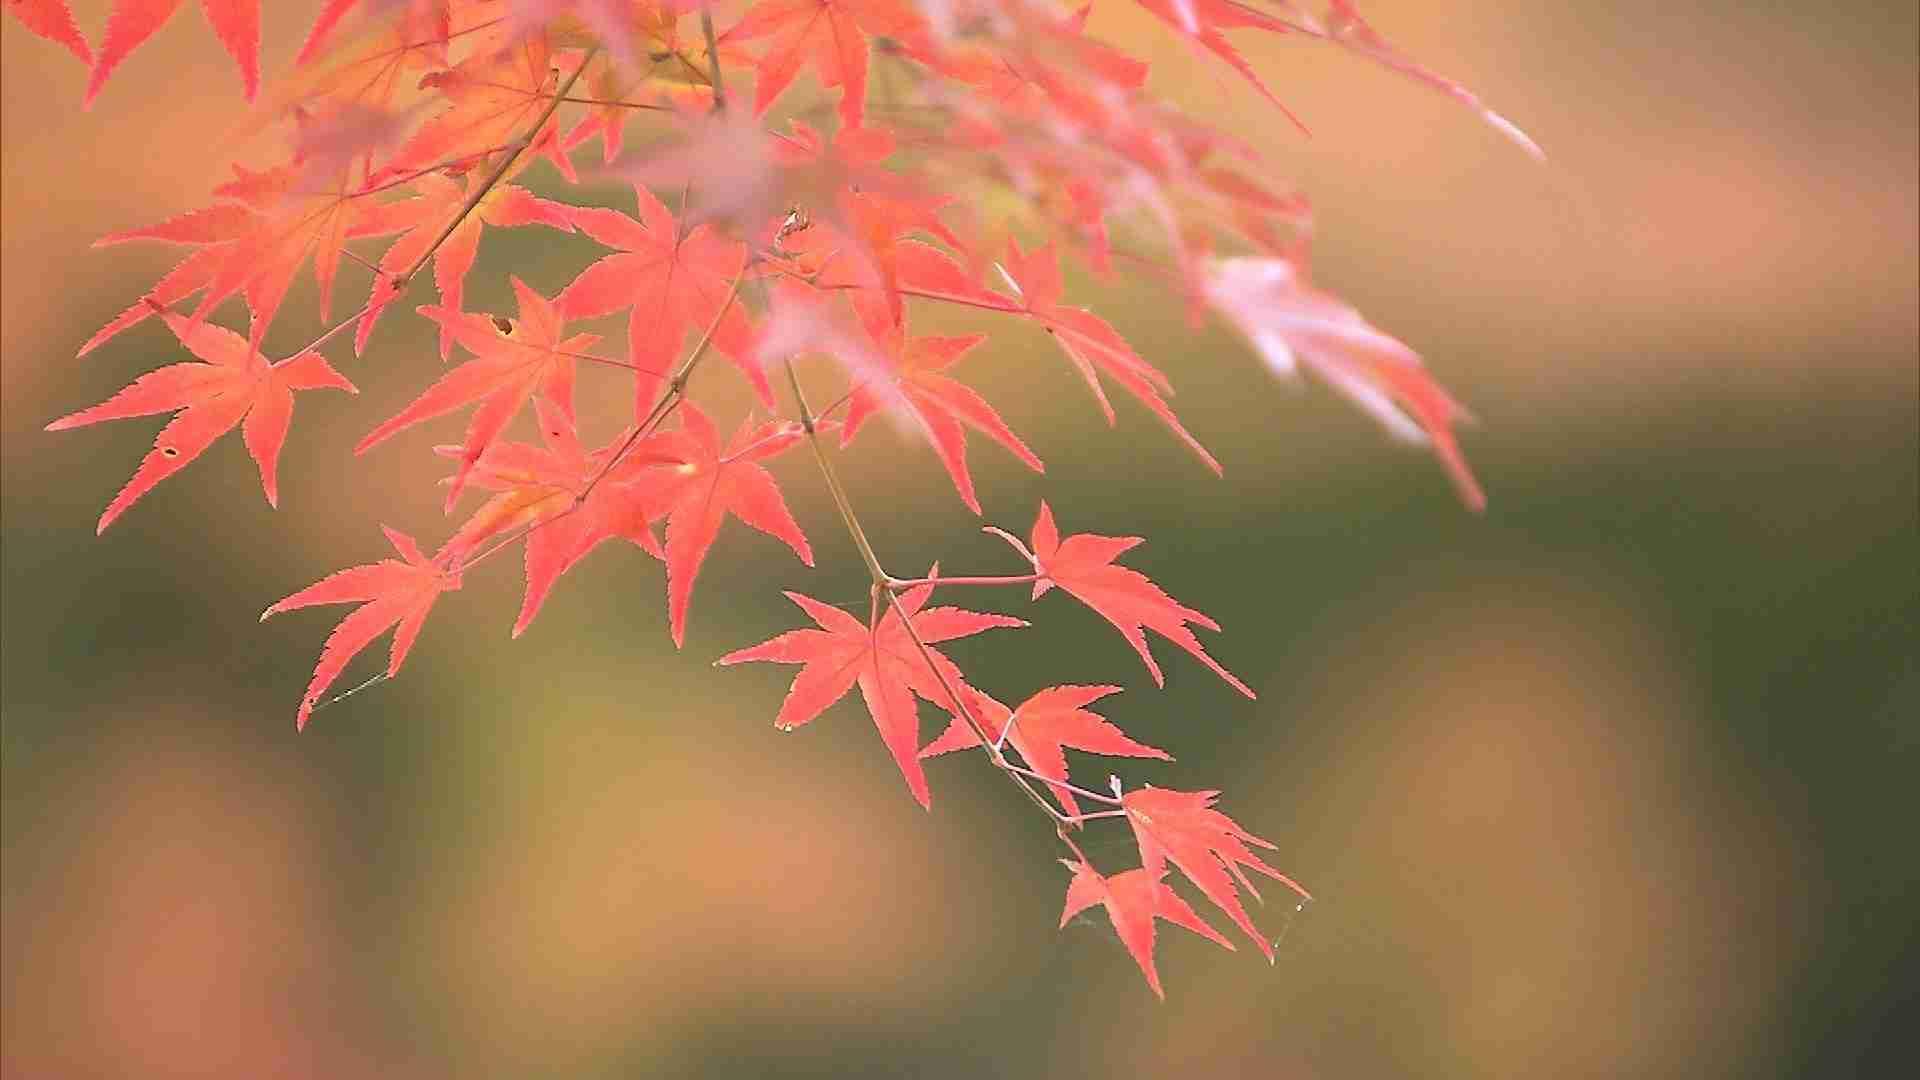 【特集】もみじをちぎらないで! 京都のお寺が悲鳴 (MBSニュース) - Yahoo!ニュース